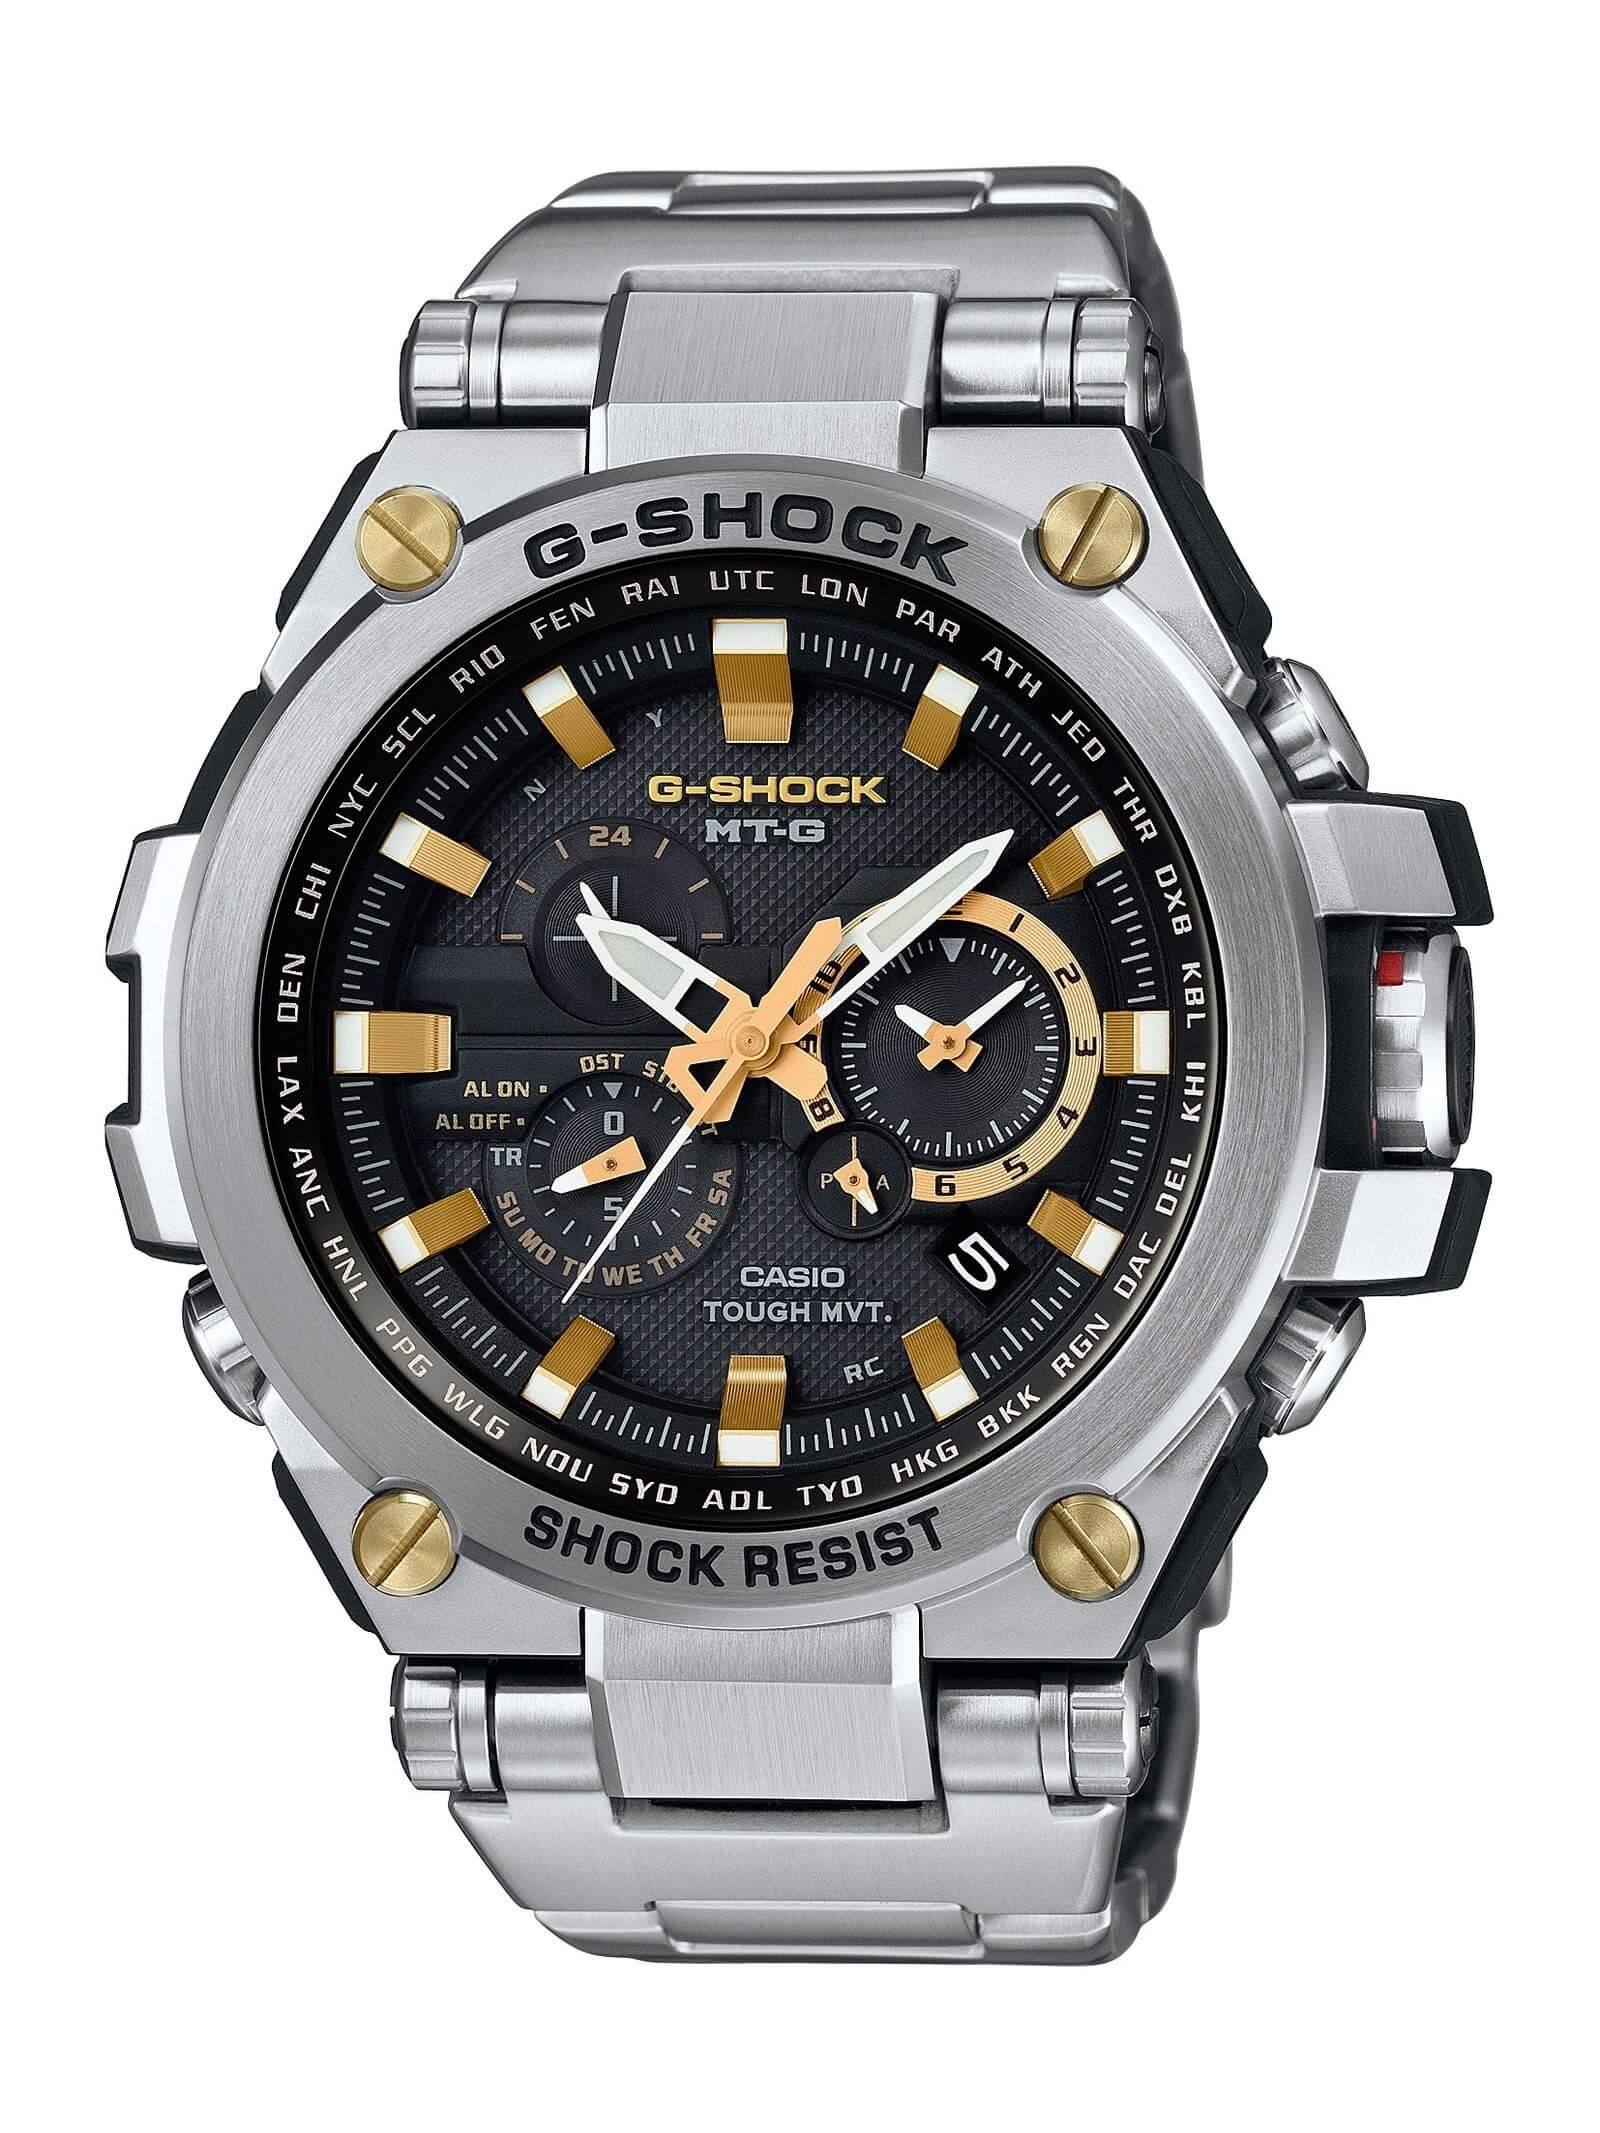 Мужские часы Касио Casio - обзор популярных моделей